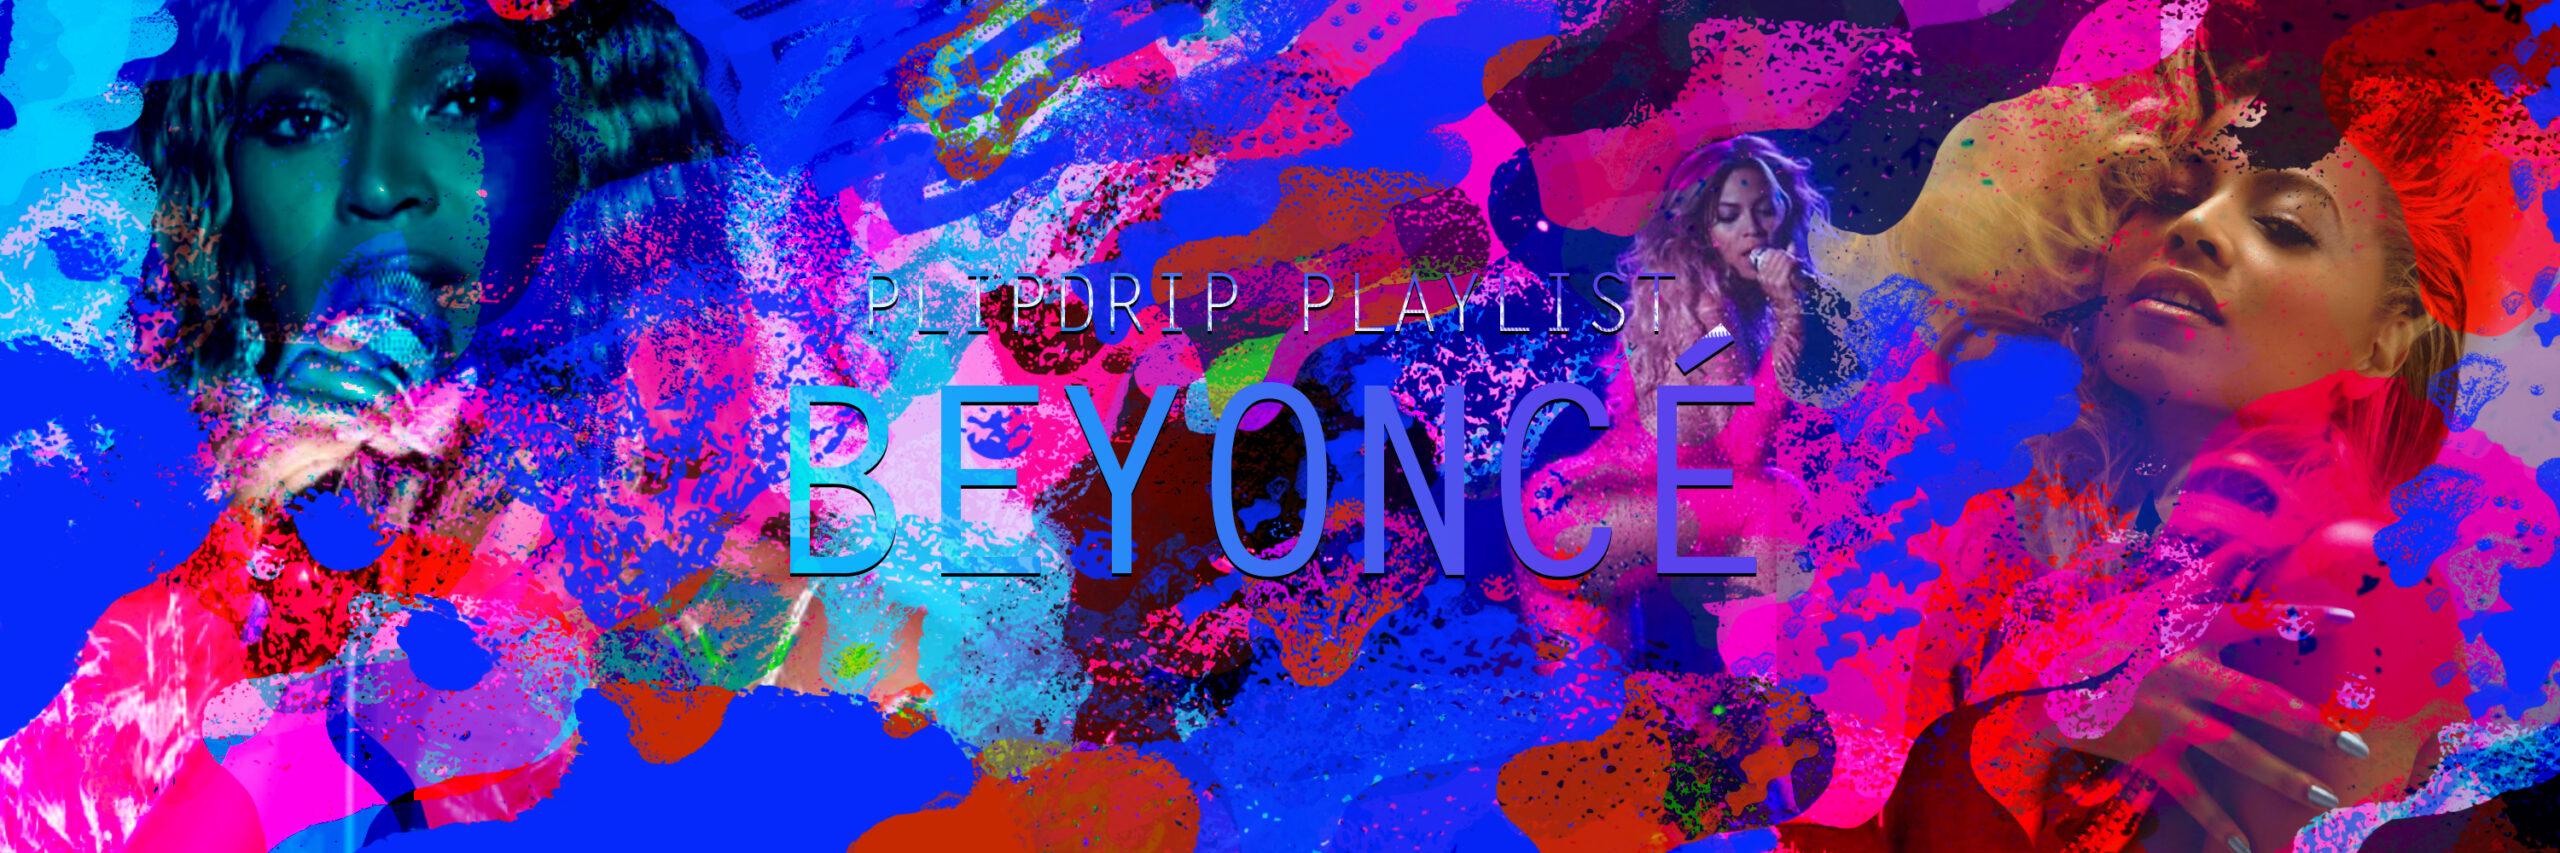 PF-beyonce-banner-1